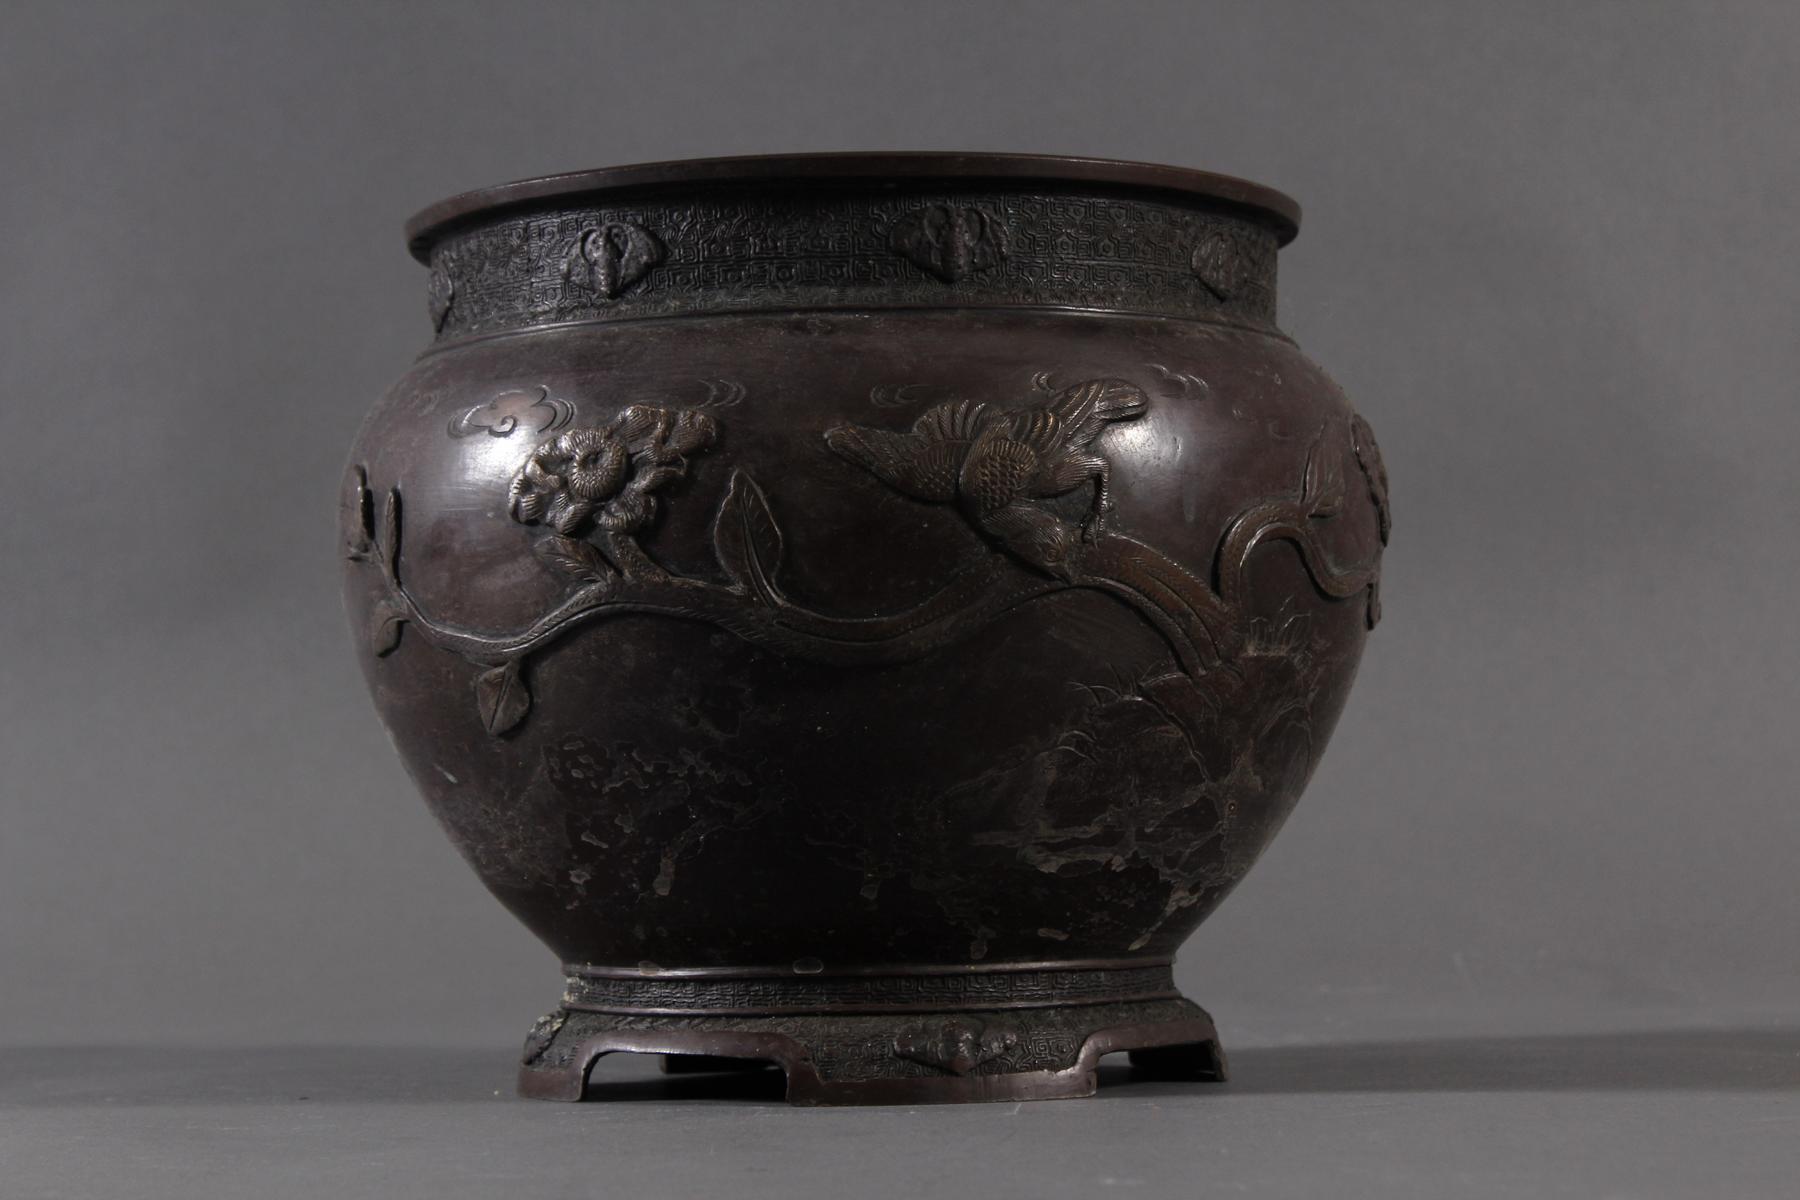 Bronze Chachepot, Japan um 1880